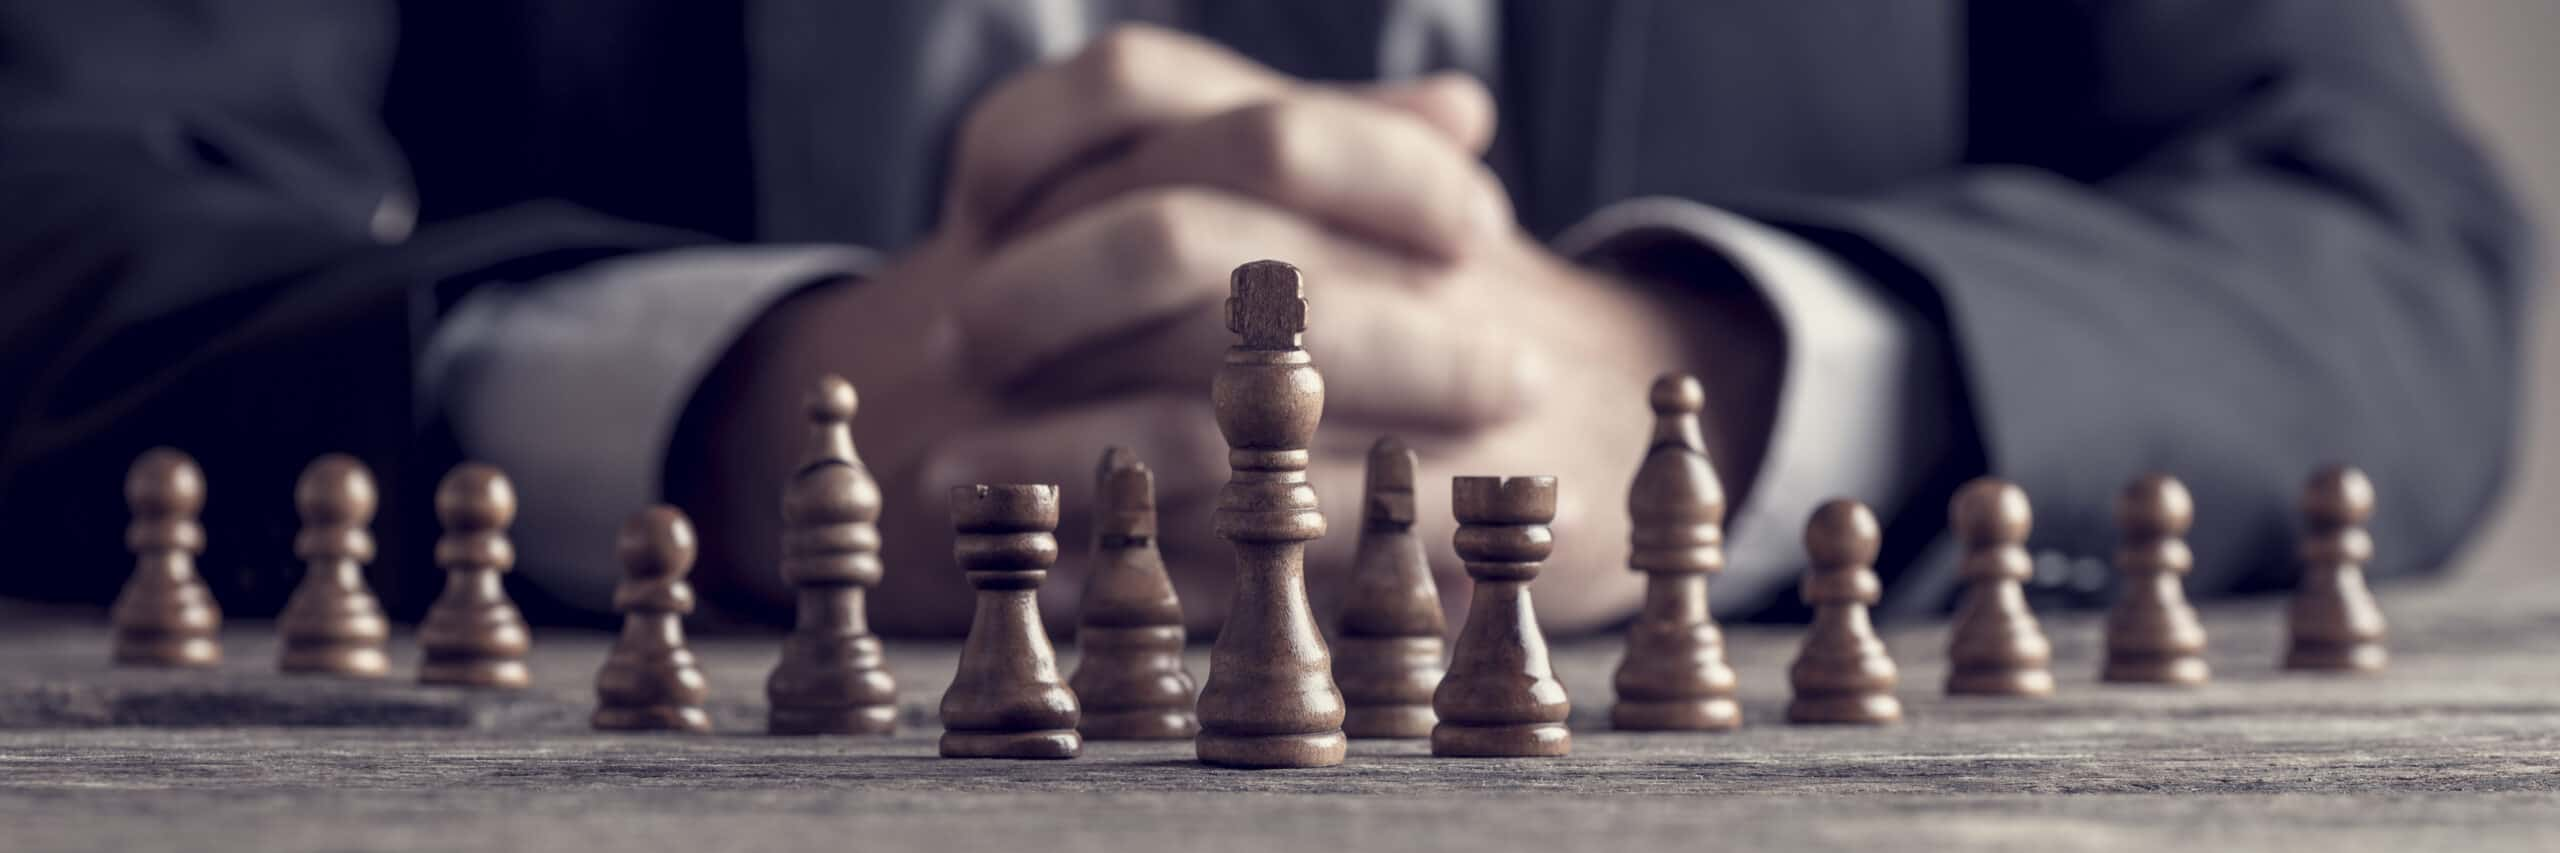 Strategic workforce planning - NOCA